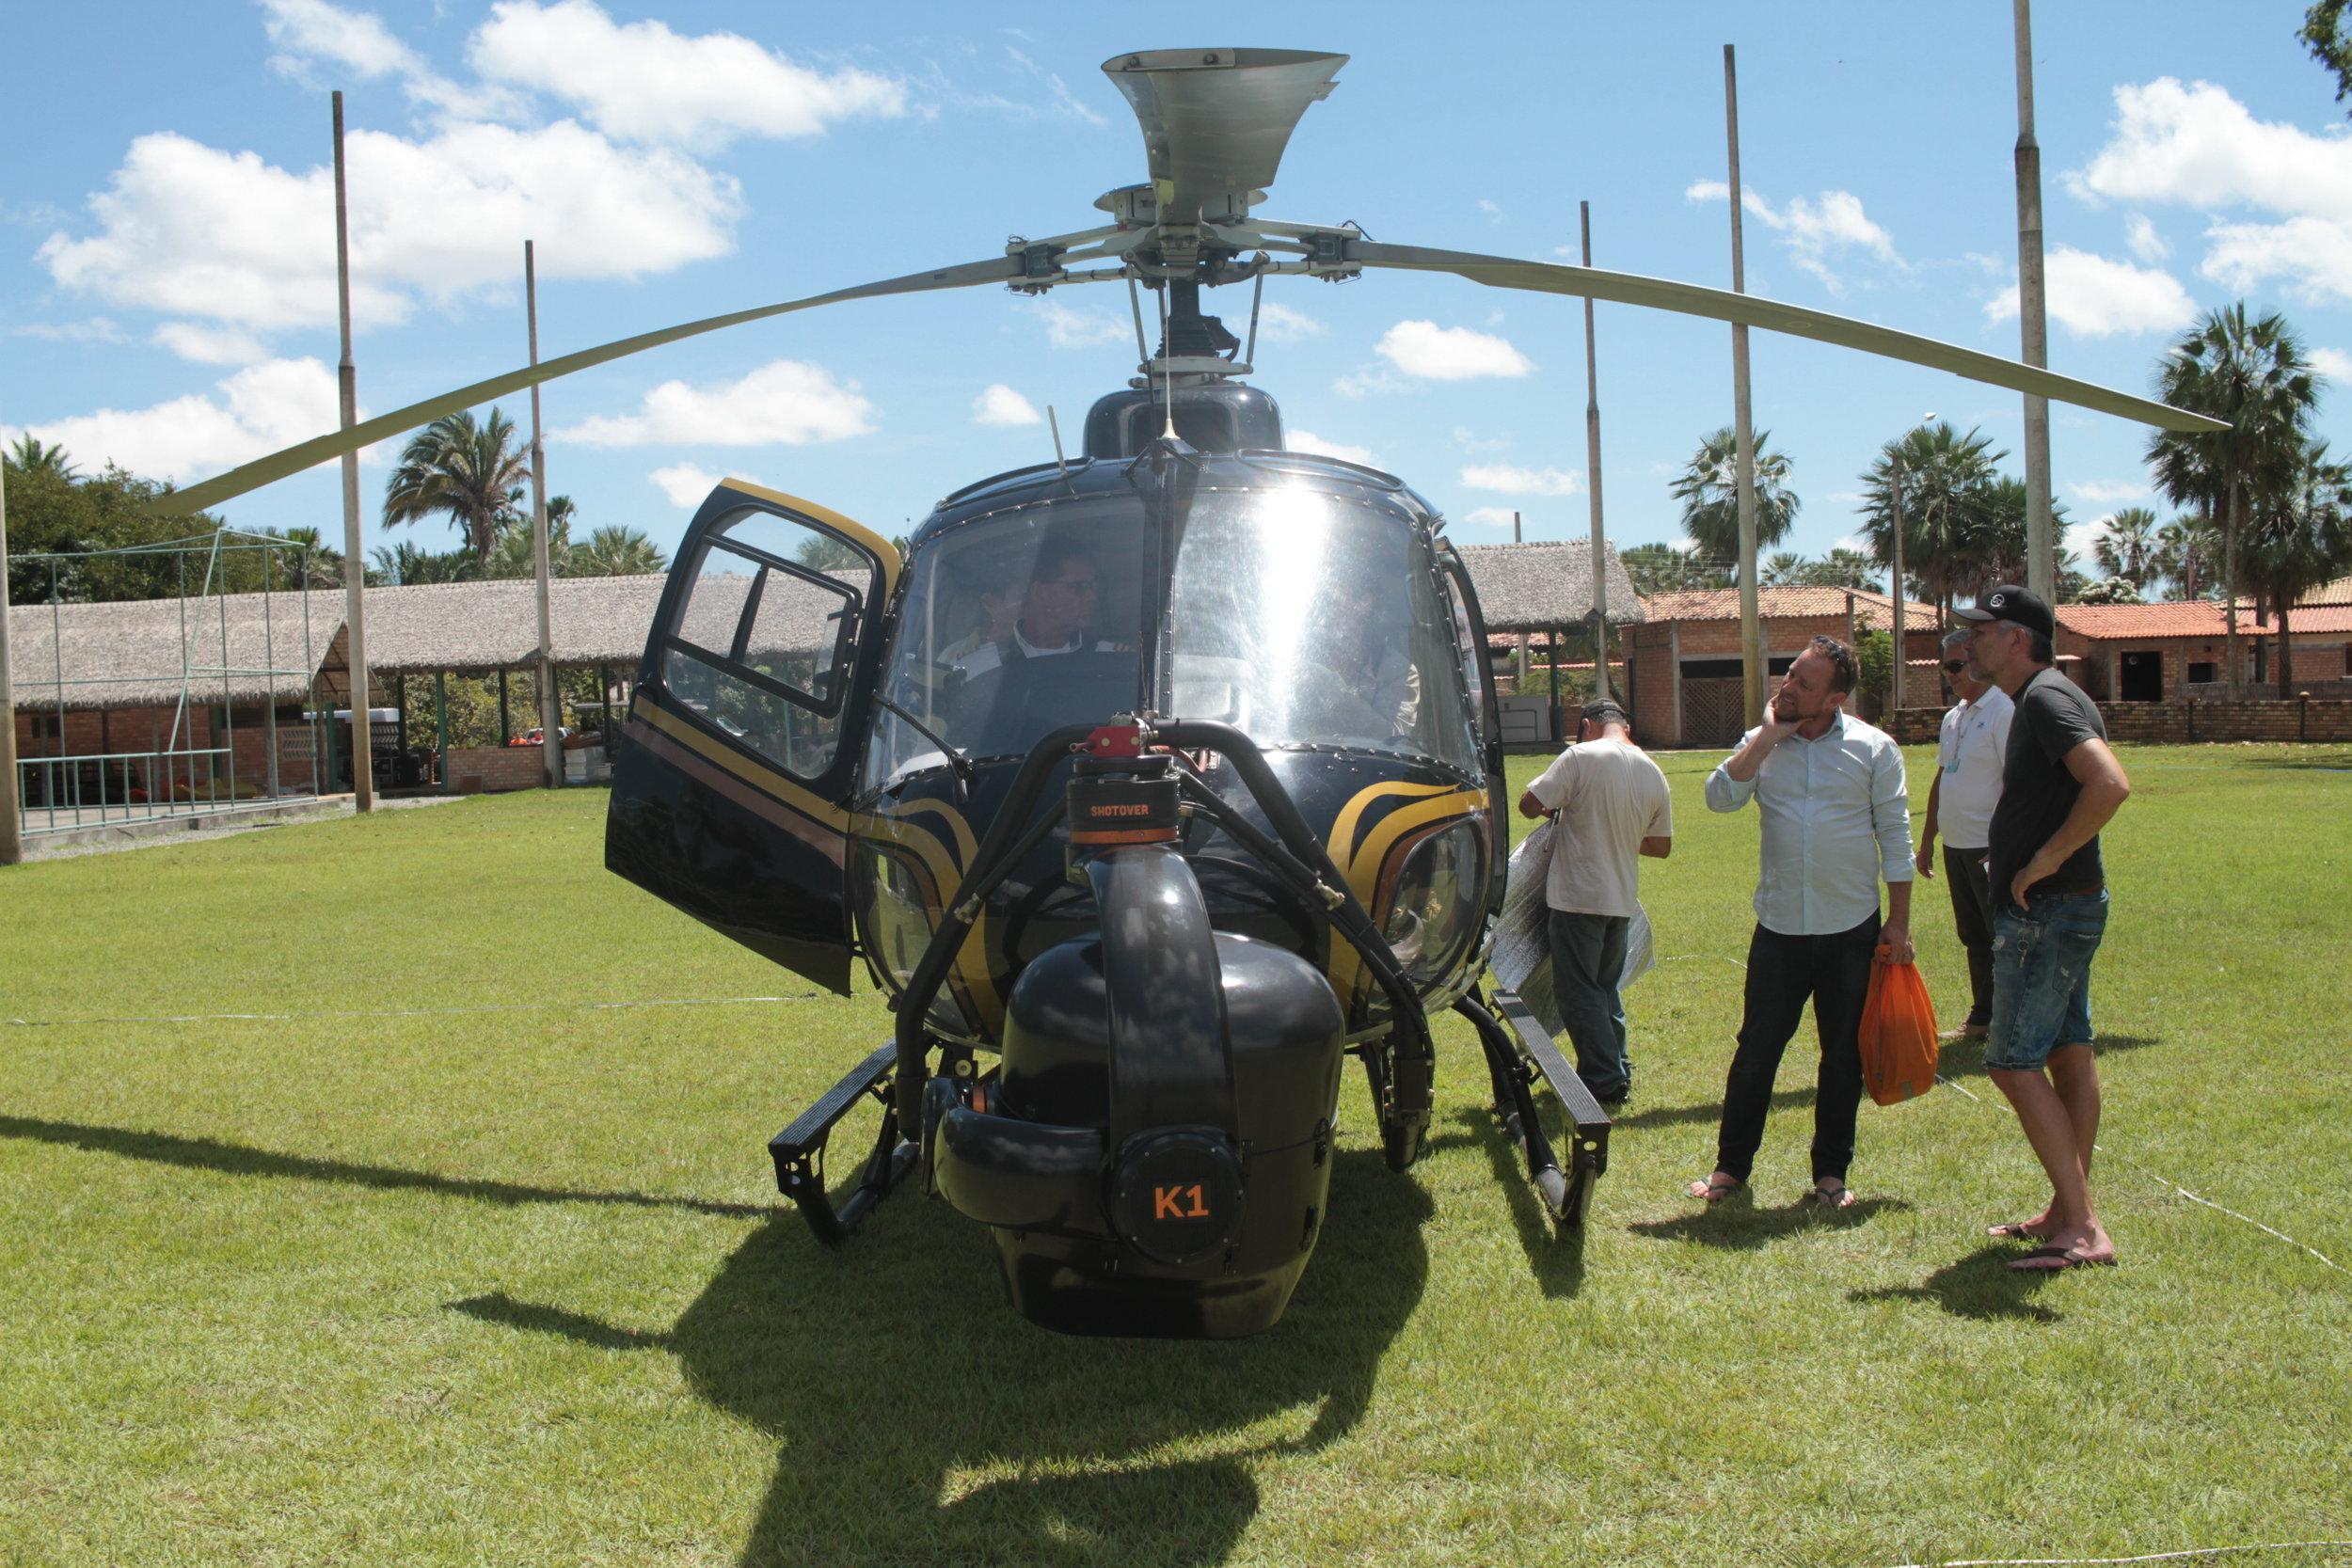 Helicóptero se prepara para levantar voo.